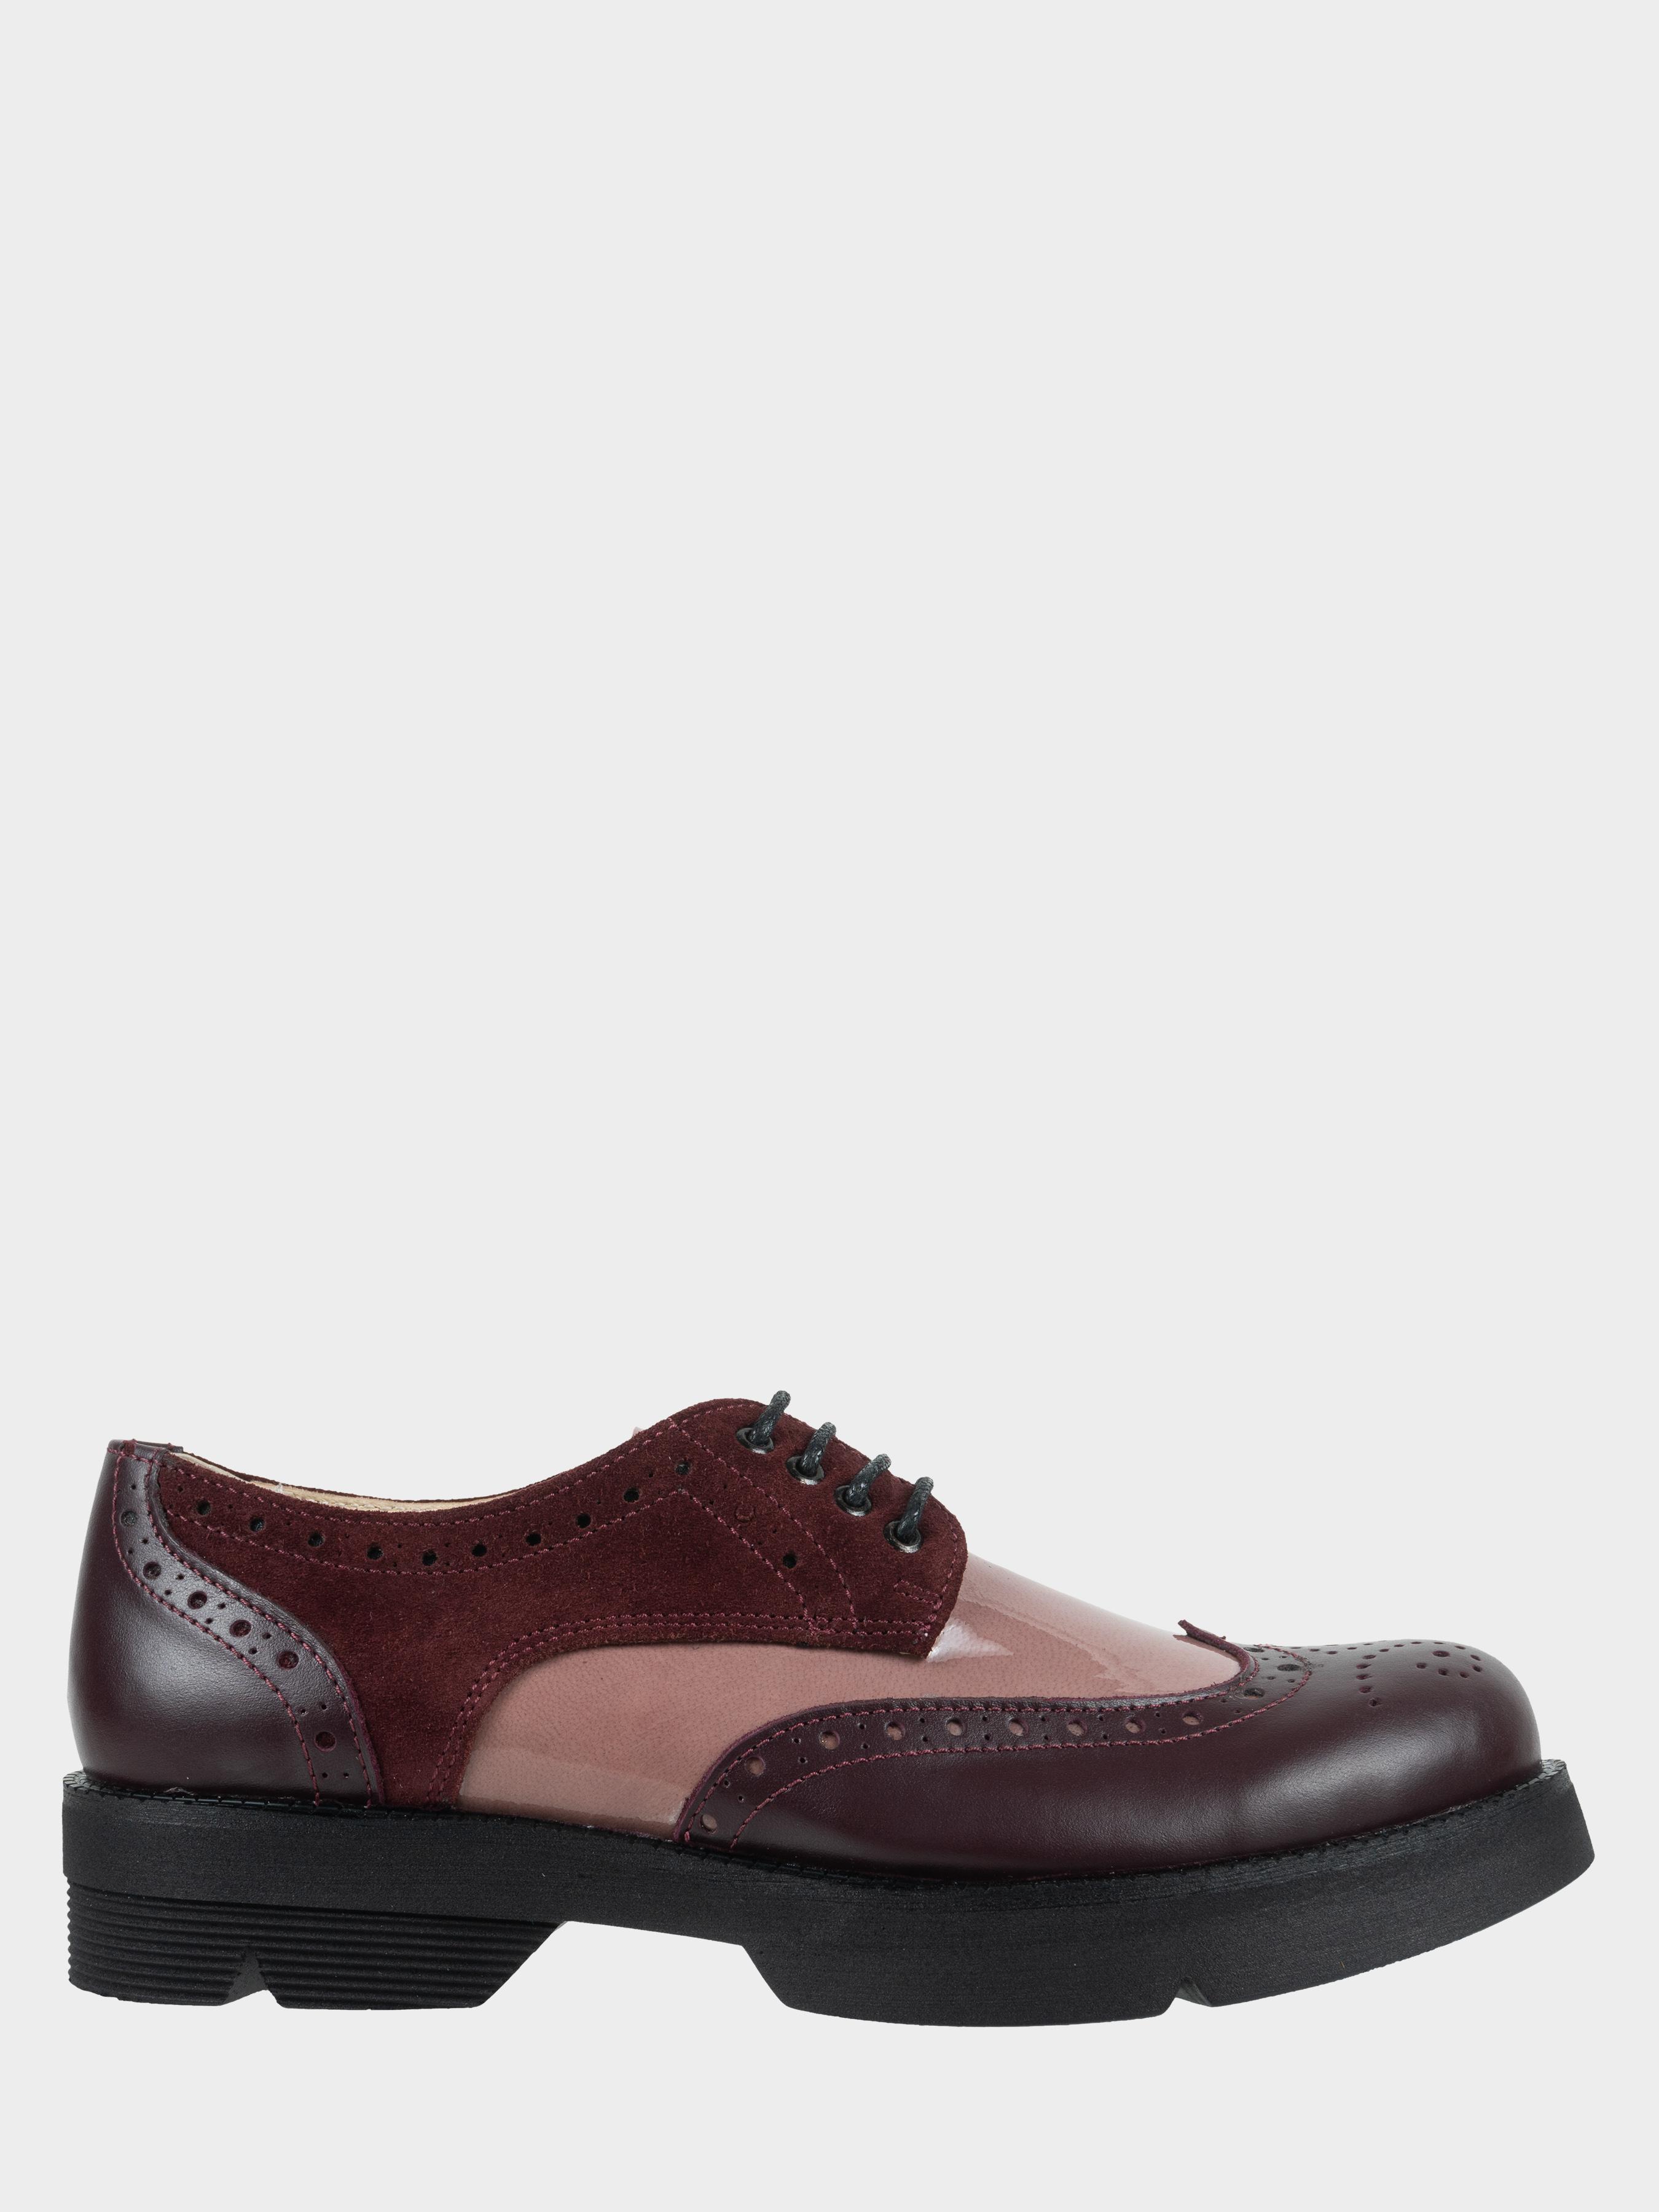 Туфли женские Туфли Фрида кожаные бордовые с розовыми вставками 100103 , 2017